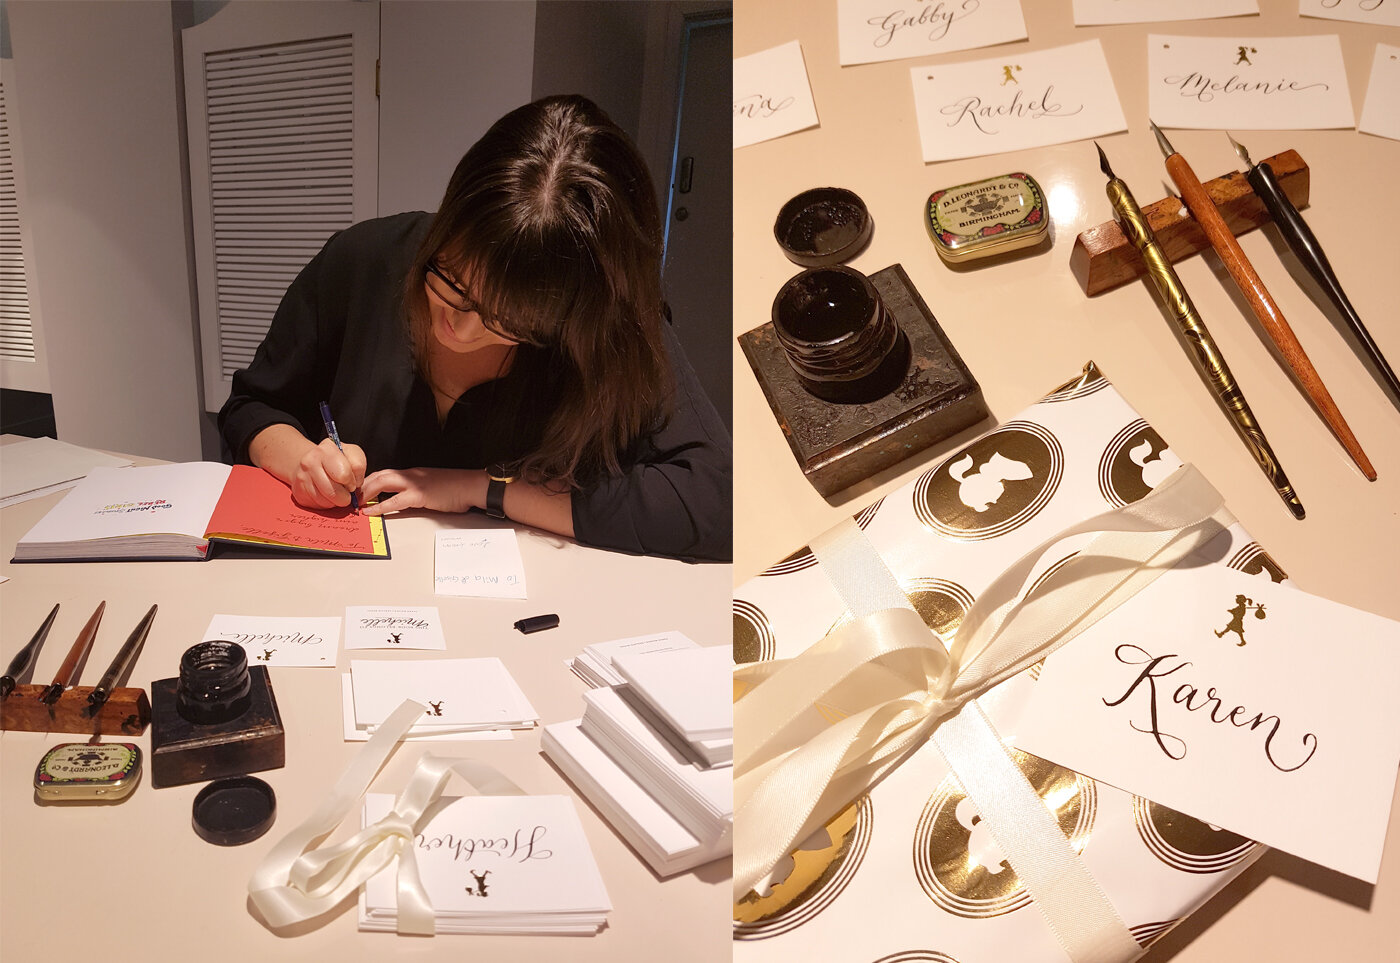 KateHursthouse_Karen Walker_calligraphy2.jpg